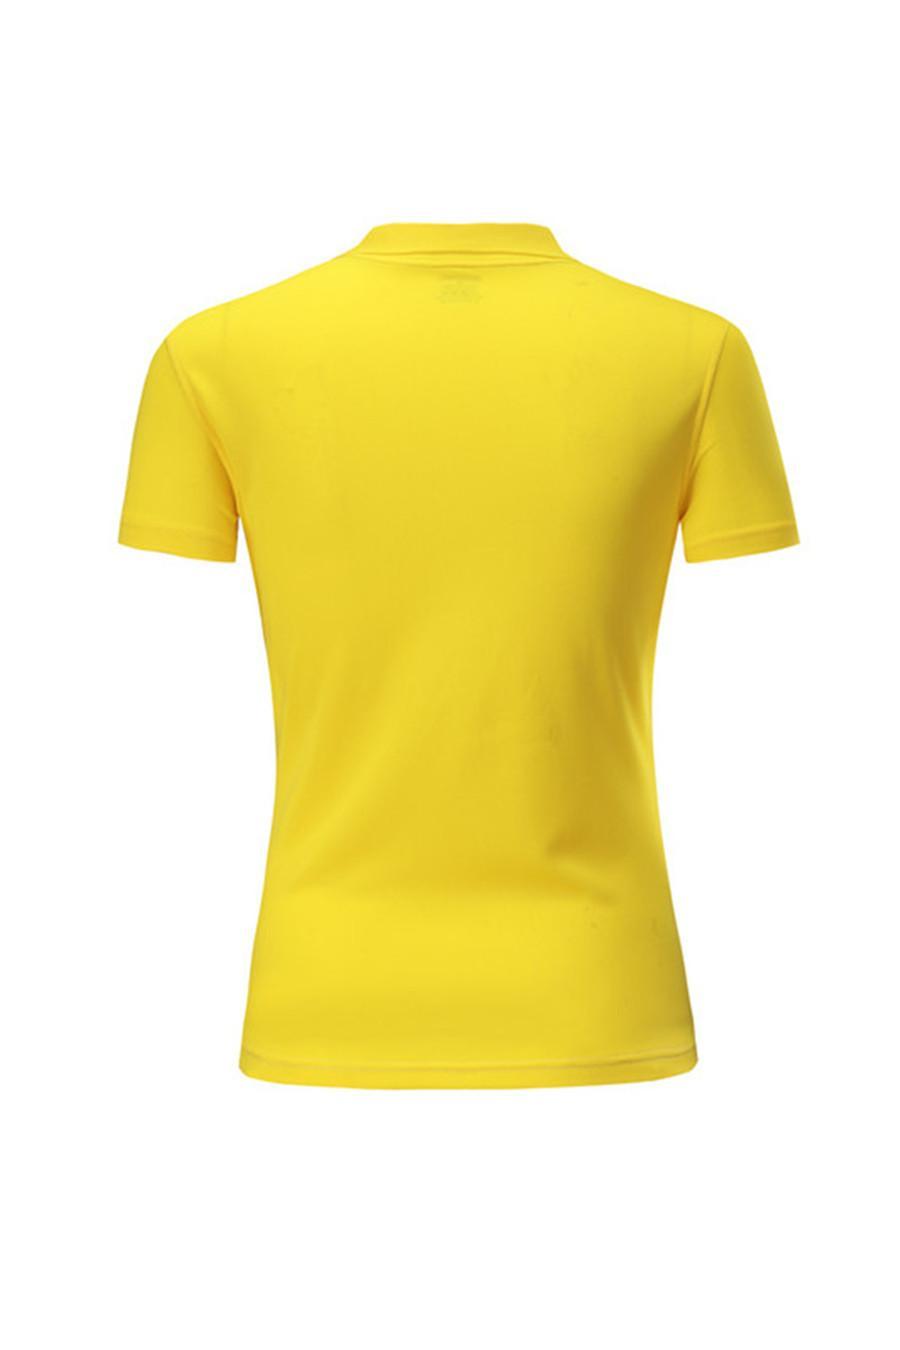 قمصان التنس 1456663326.